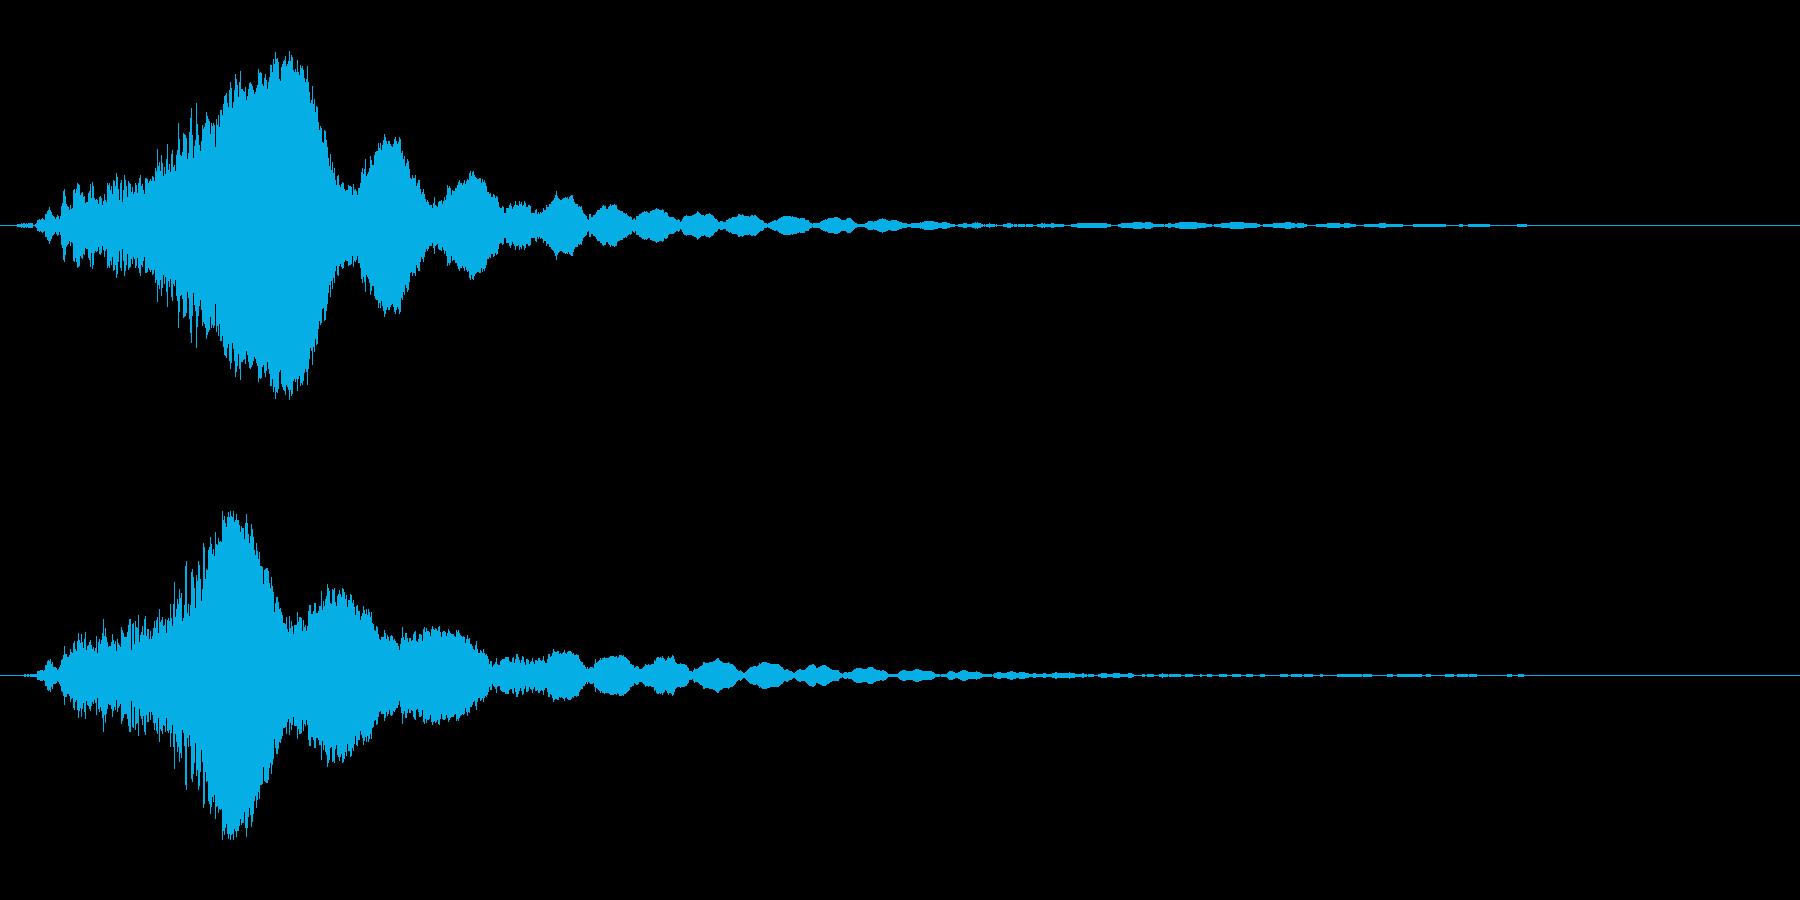 キラキラ☆ピキーン(星の輝き 魔法10Bの再生済みの波形